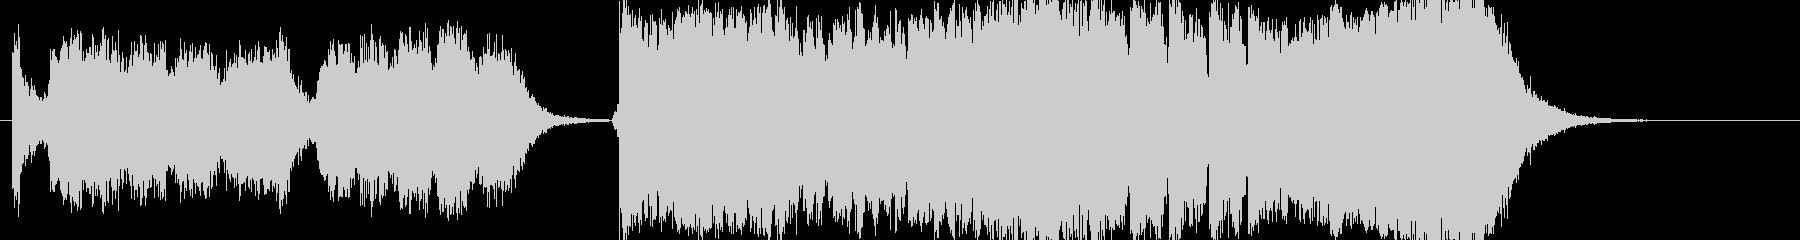 カルミナブラーナ風コーラス曲アップテンポの未再生の波形